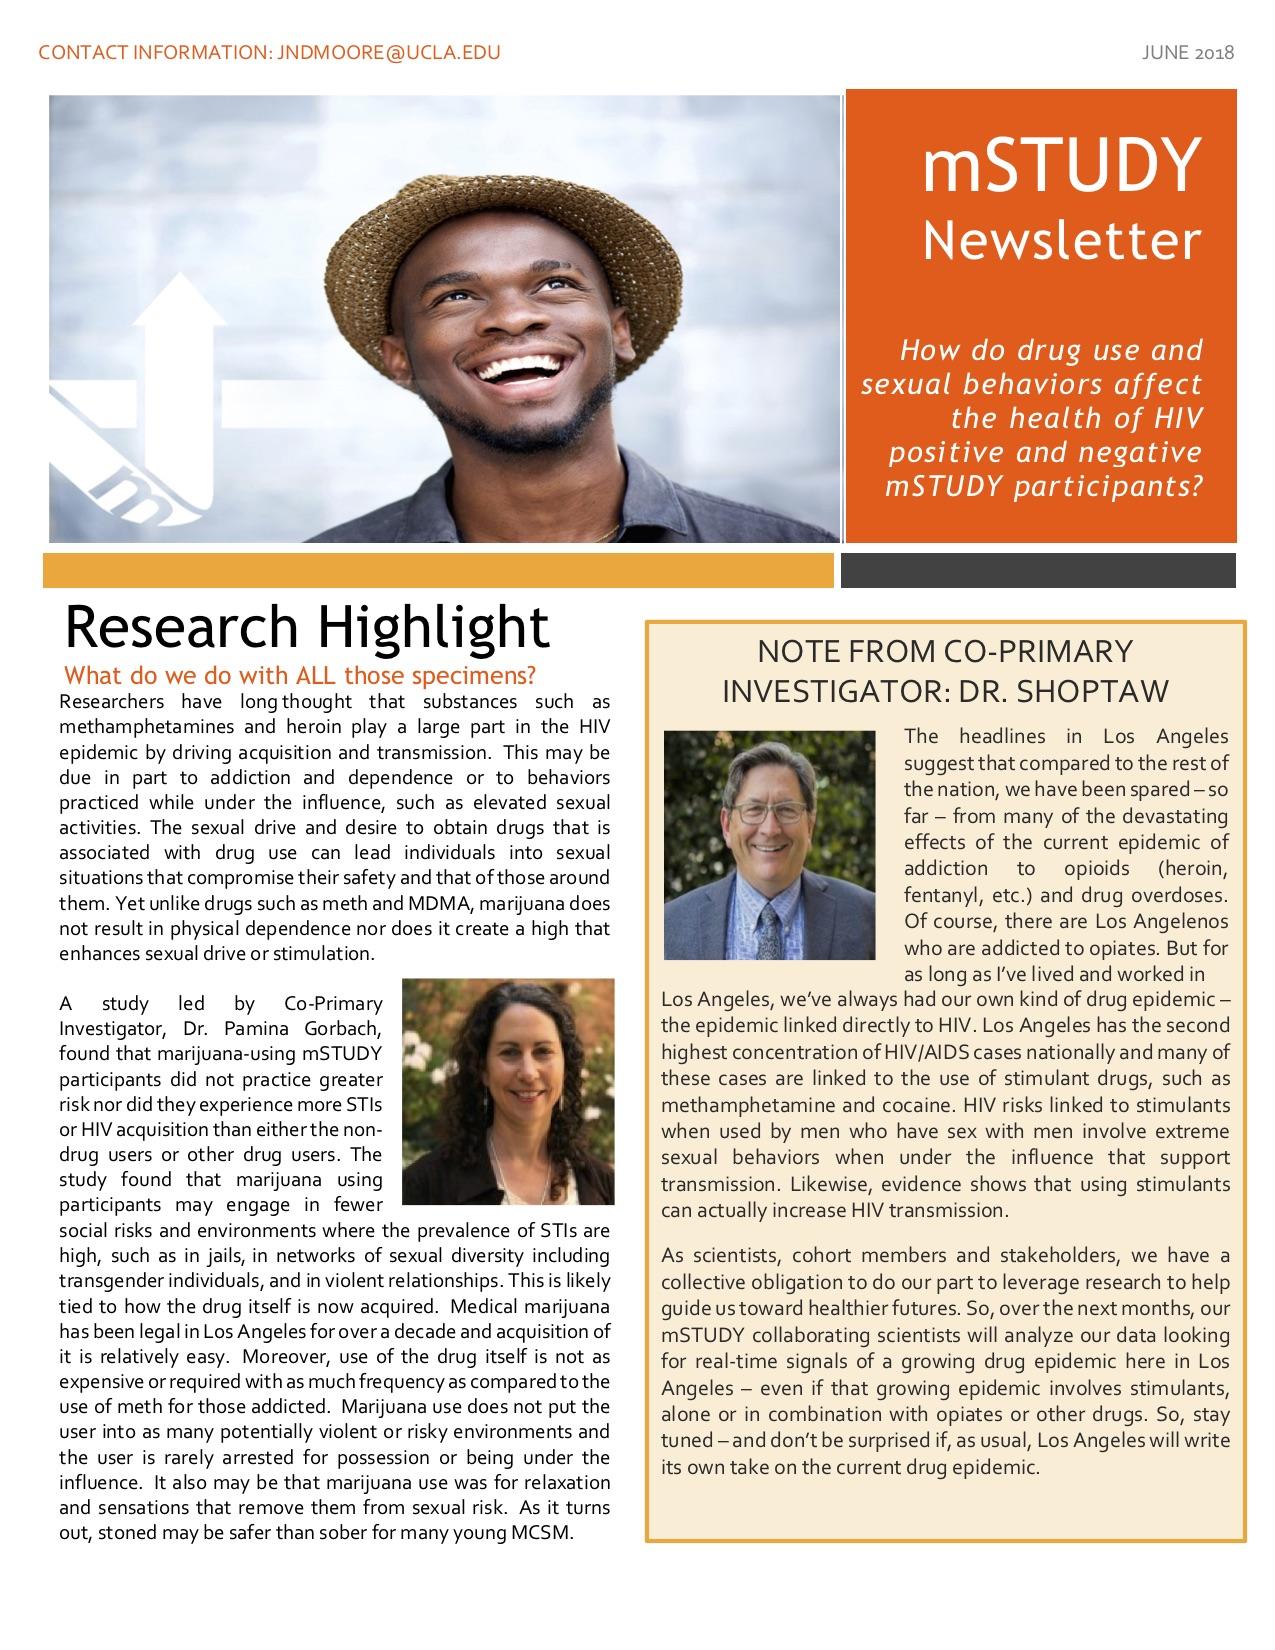 mSTUDY Newsletter June 2018